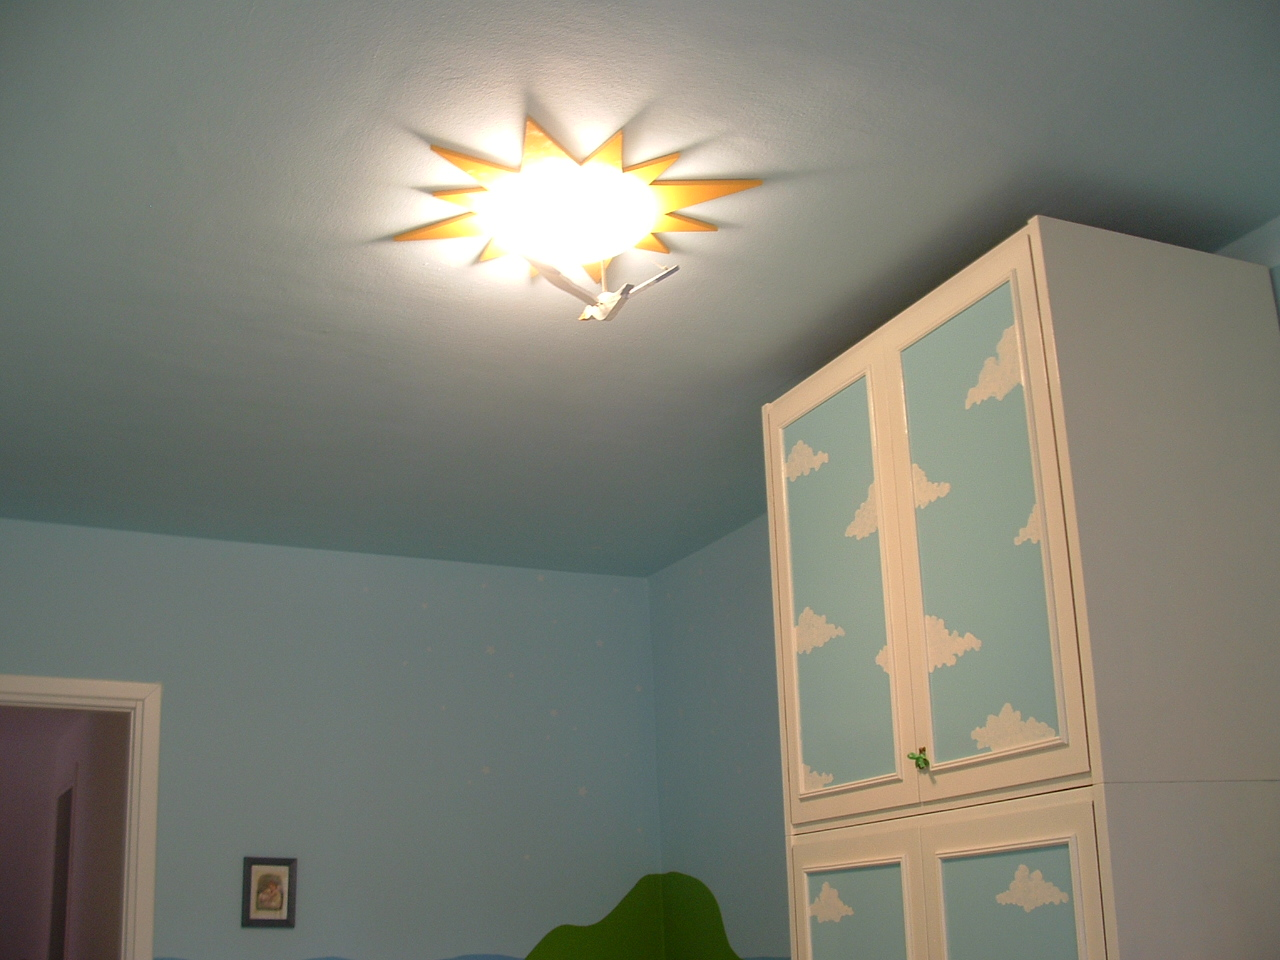 Plafoniera Cameretta Ikea : Ricicla e crea plafoniera sole